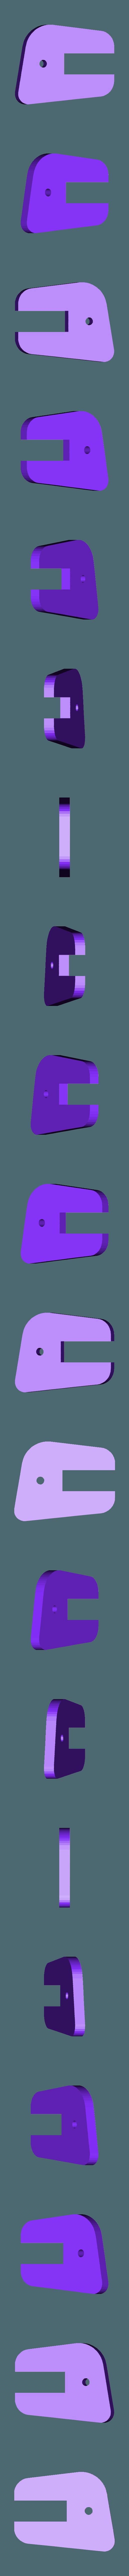 slider_guide.stl Télécharger fichier STL gratuit Mécanique de la bouche et du sourcil, adaptable à la mécanique de l'œil • Modèle pour impression 3D, kakiemon